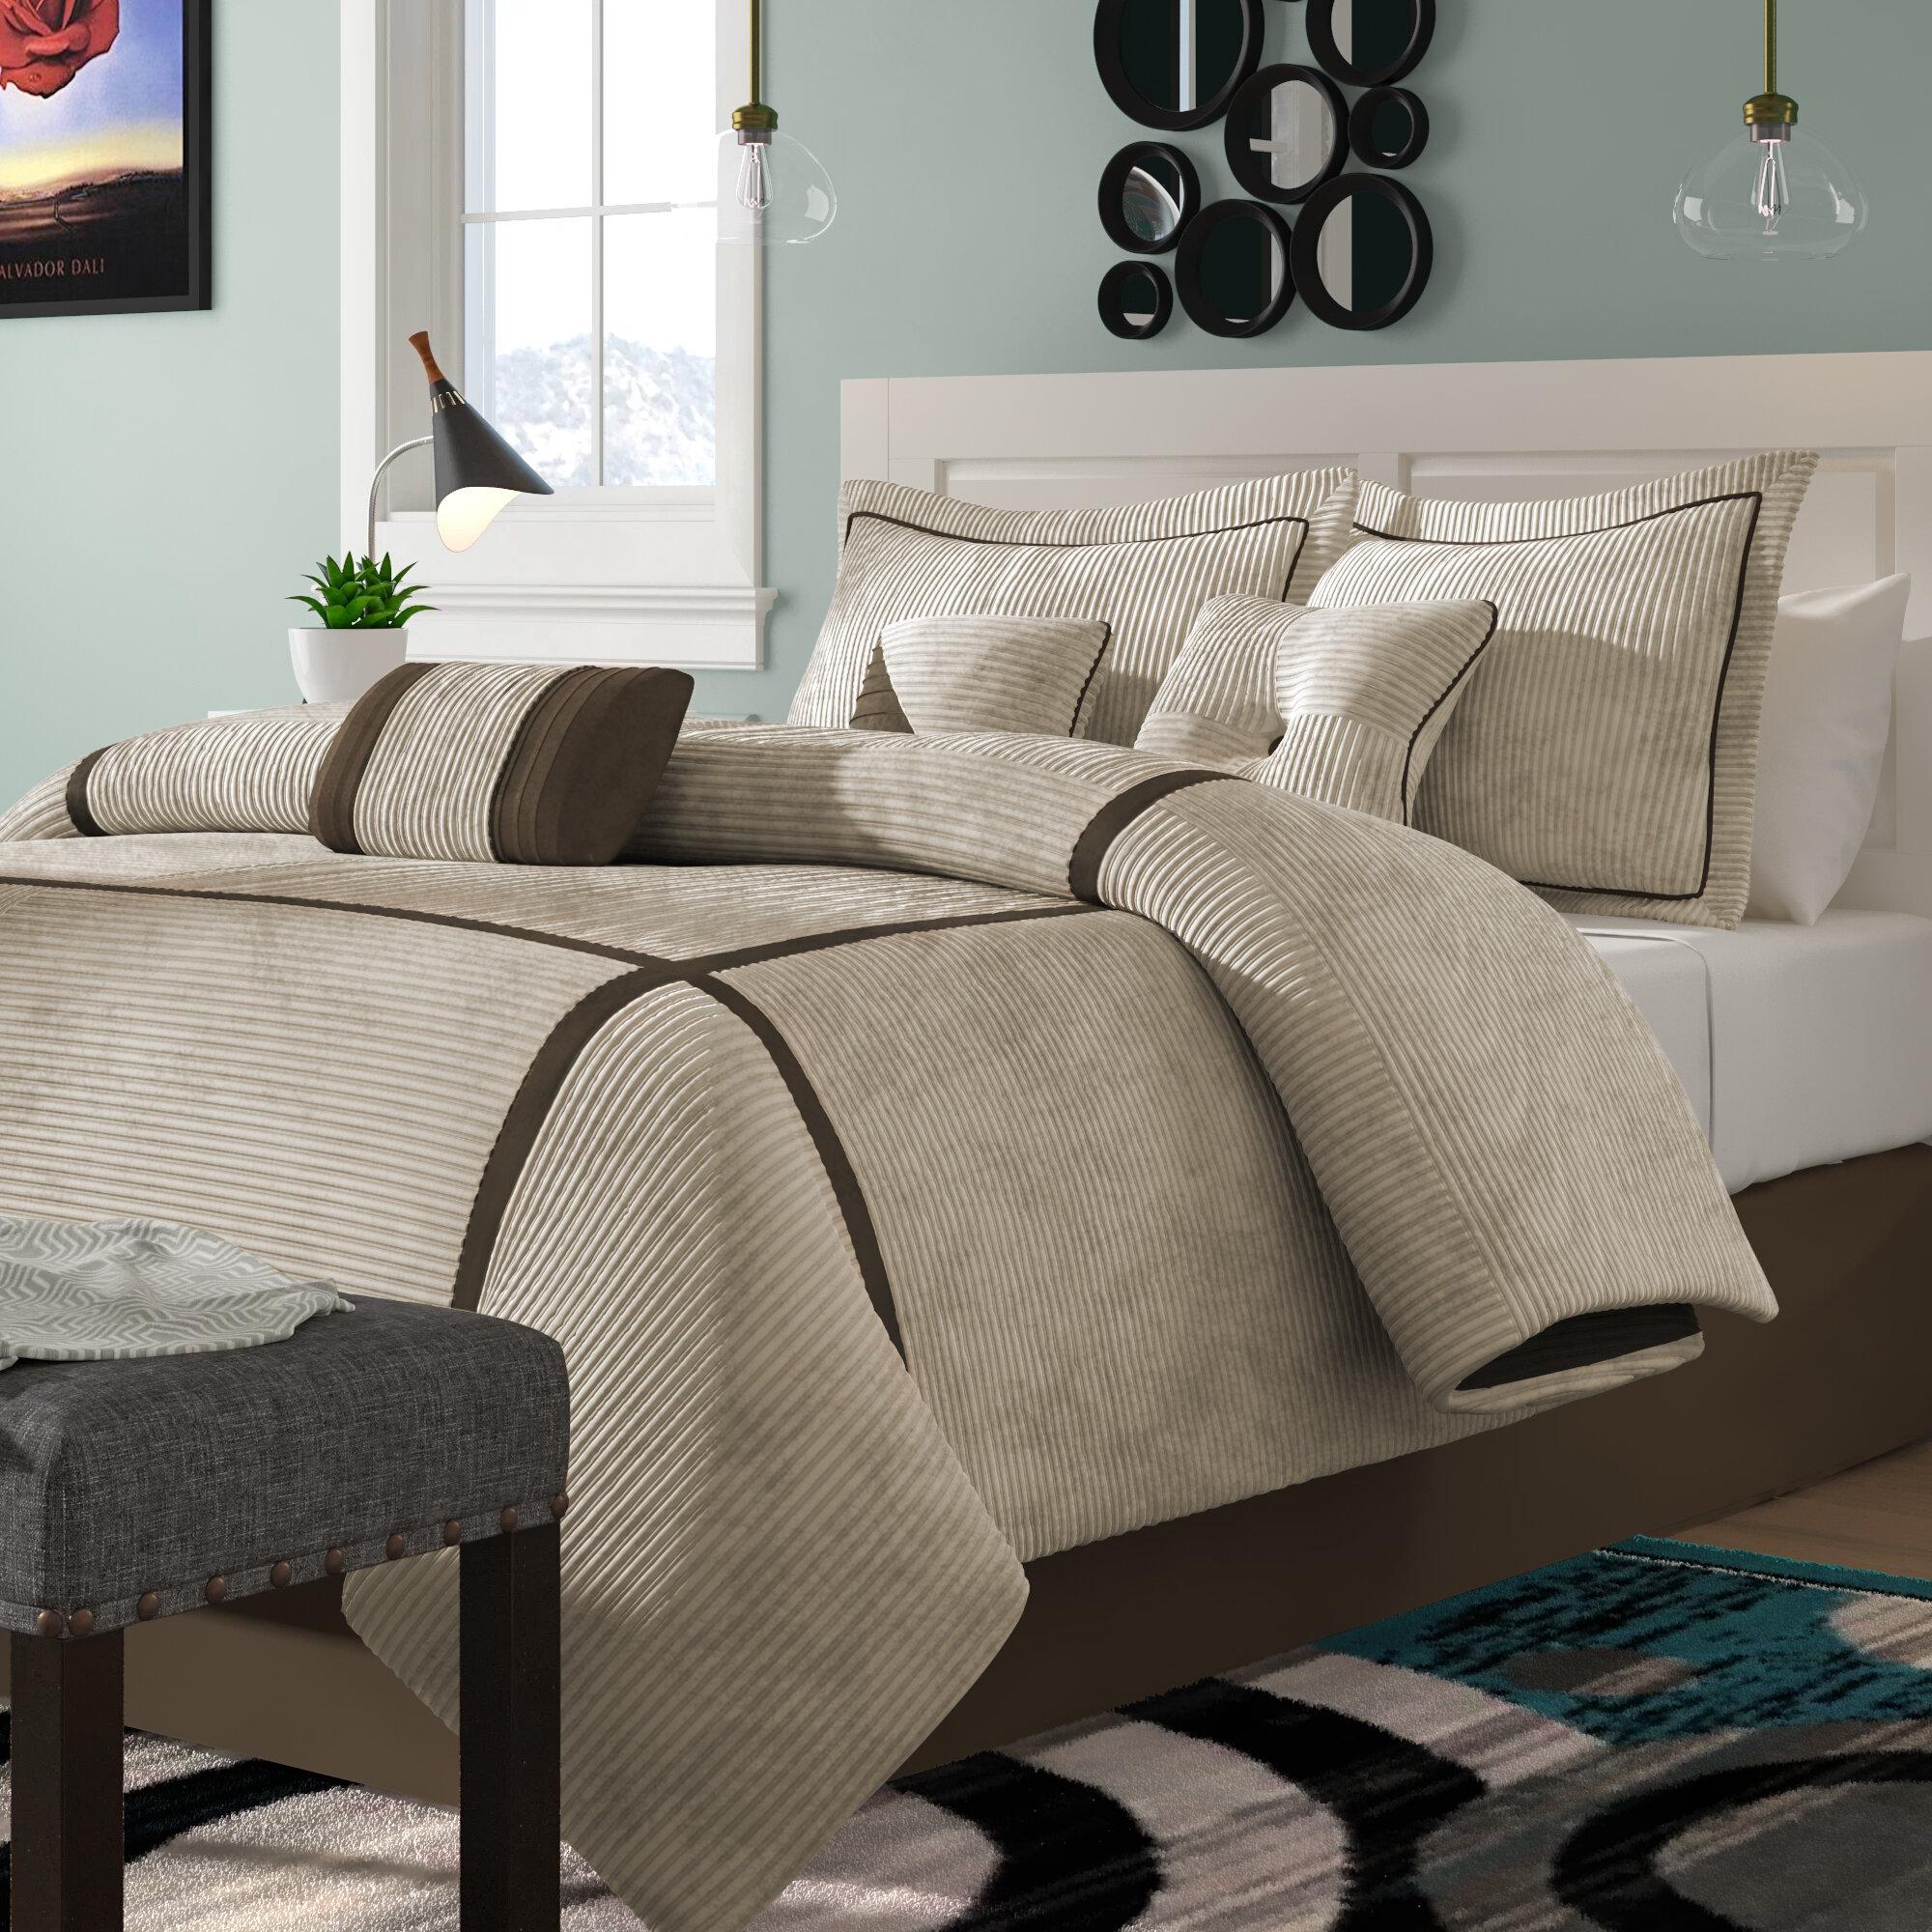 Alcott Hill Ocallaghan Light Tan Striped 7 Piece Comforter Set Reviews Wayfair